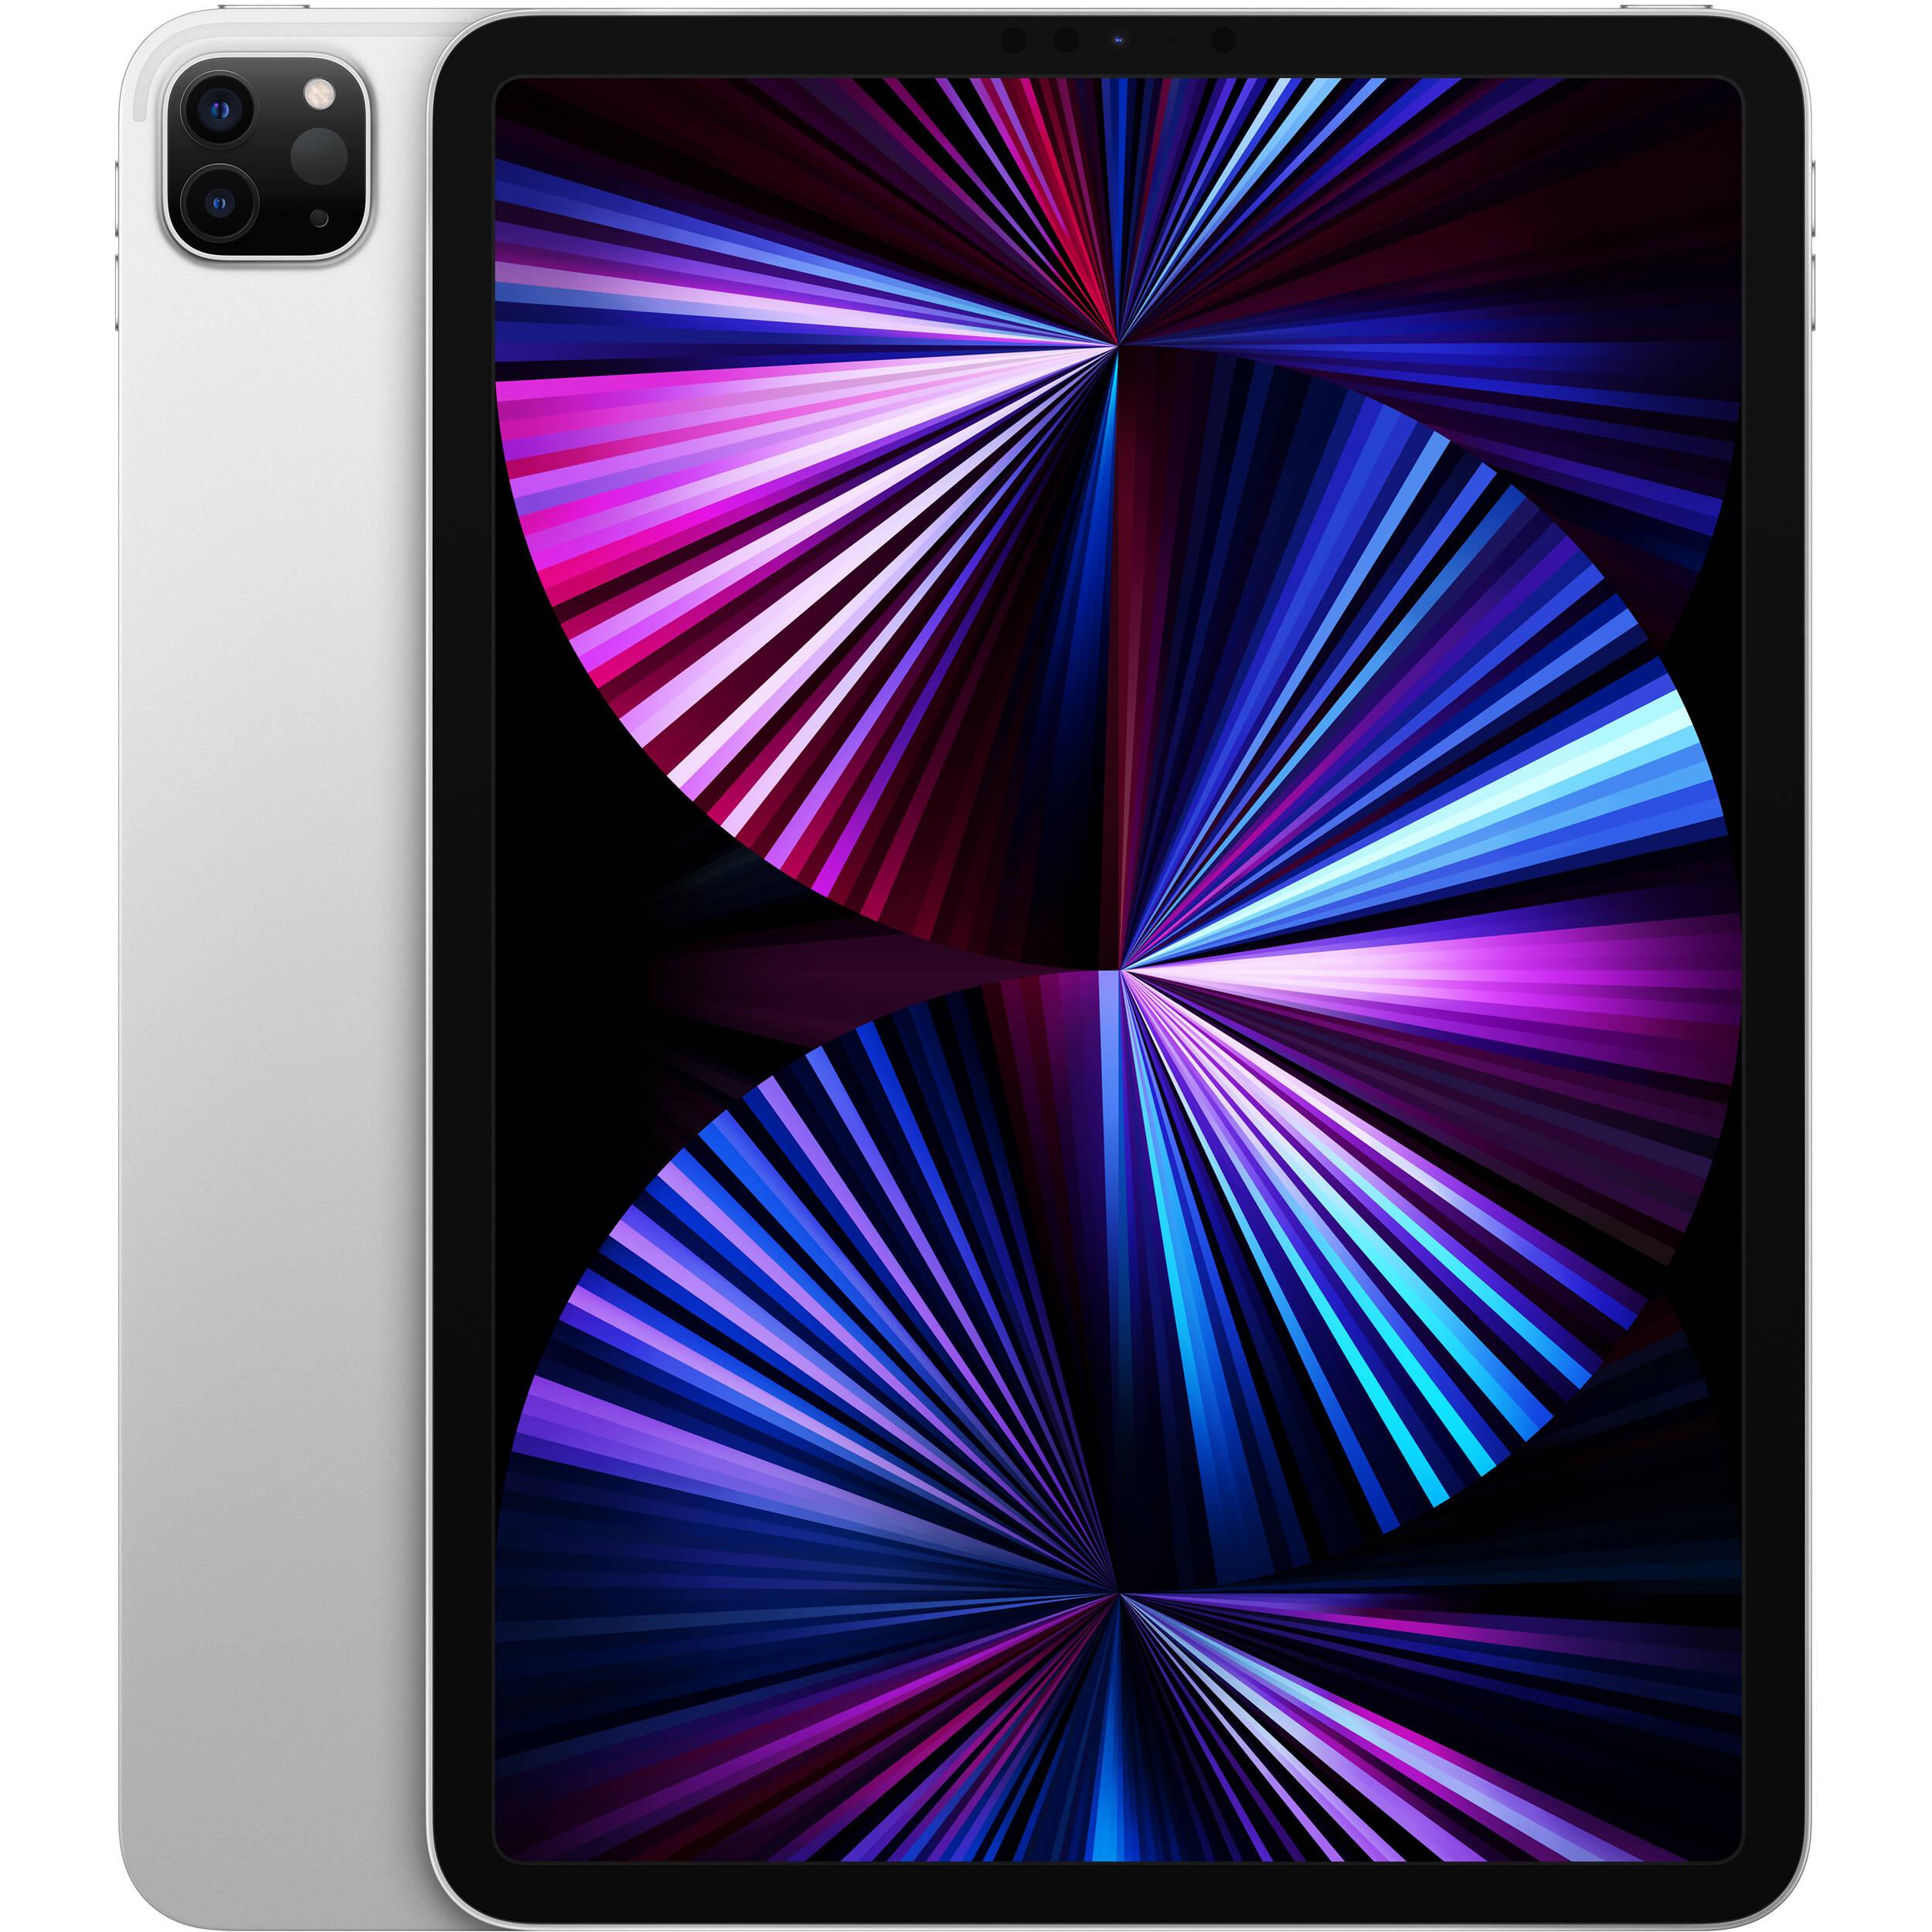 """Apple 11"""" iPad Pro M1 Chip MHQT3LL/A B&H Photo Video"""